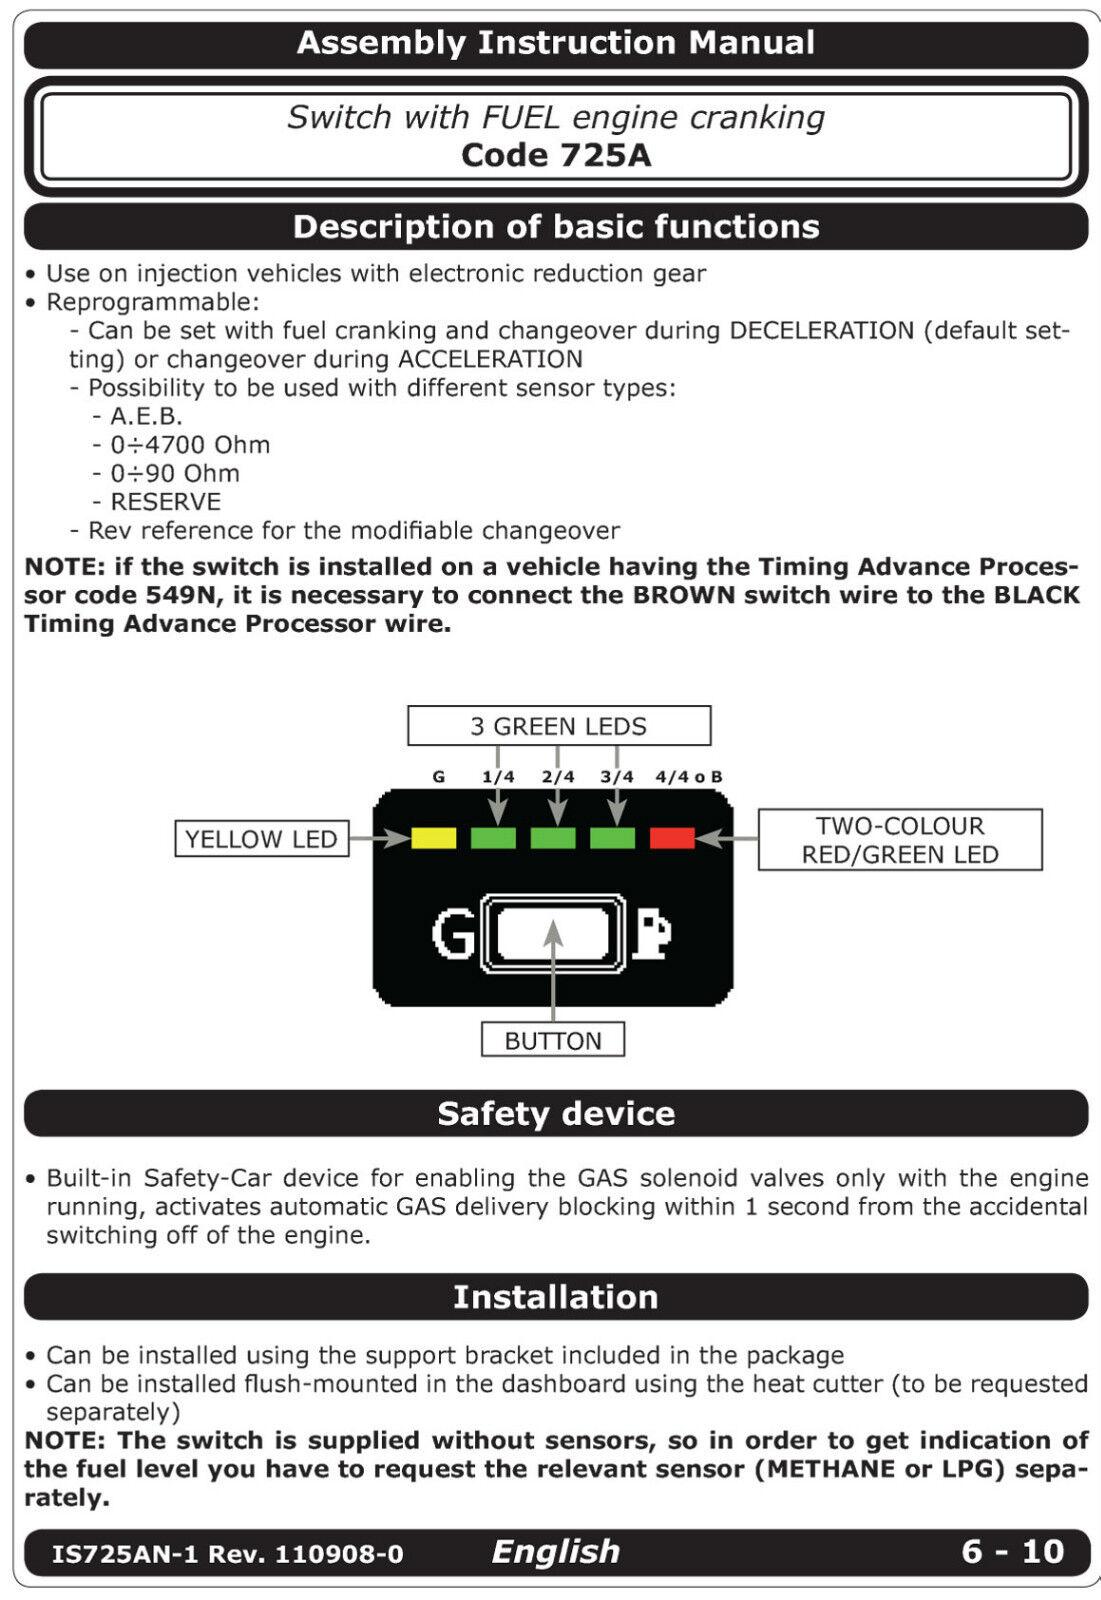 Car Lpg Wiring Diagram Modern Design Of Simple Dashboard Automotive Diagrams Rh 45 Vesterbro De Auto Library